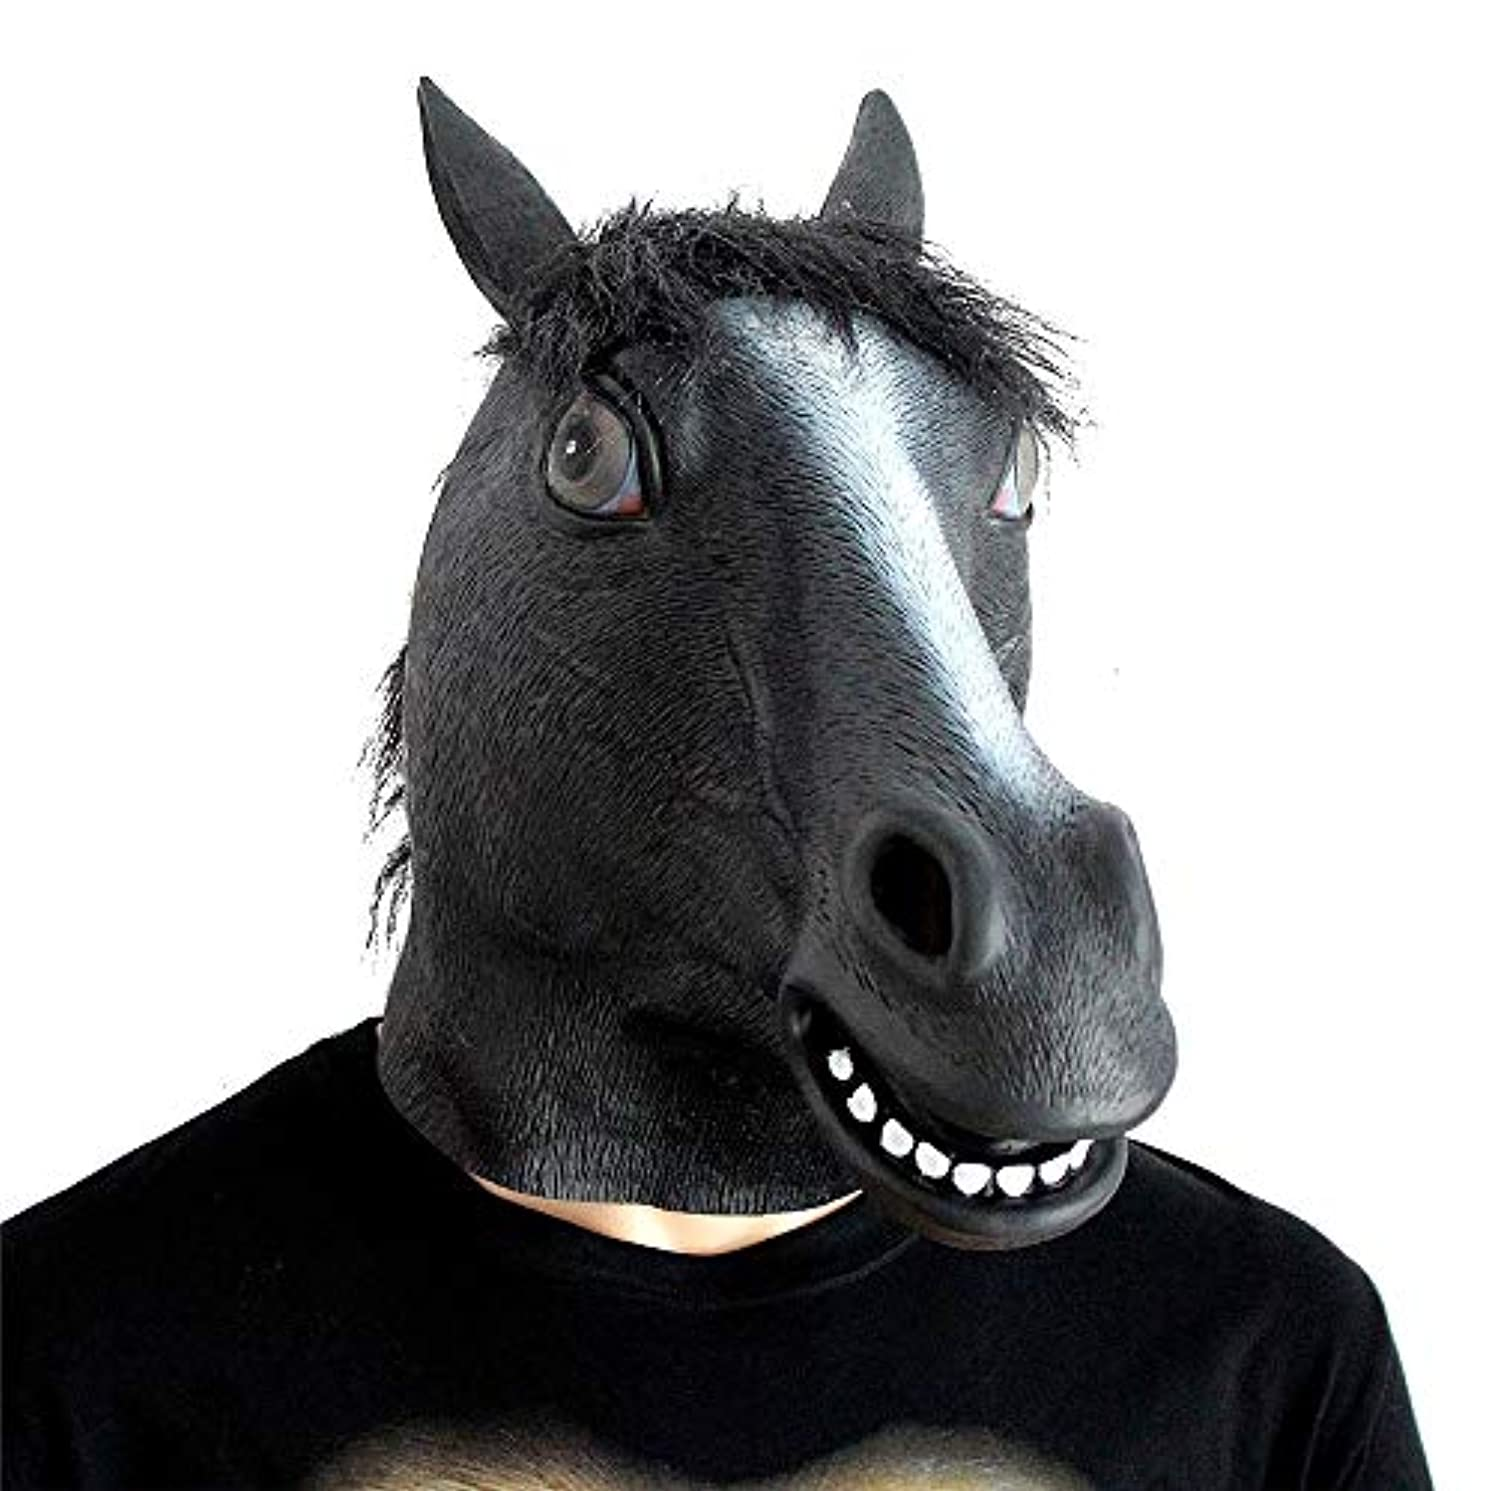 前任者パリティテクスチャーハロウィーンのスタイリングの小道具ボールパーティーの馬の頭のマスクラテックスゲーム面白いパーティー用品 (Color : C)